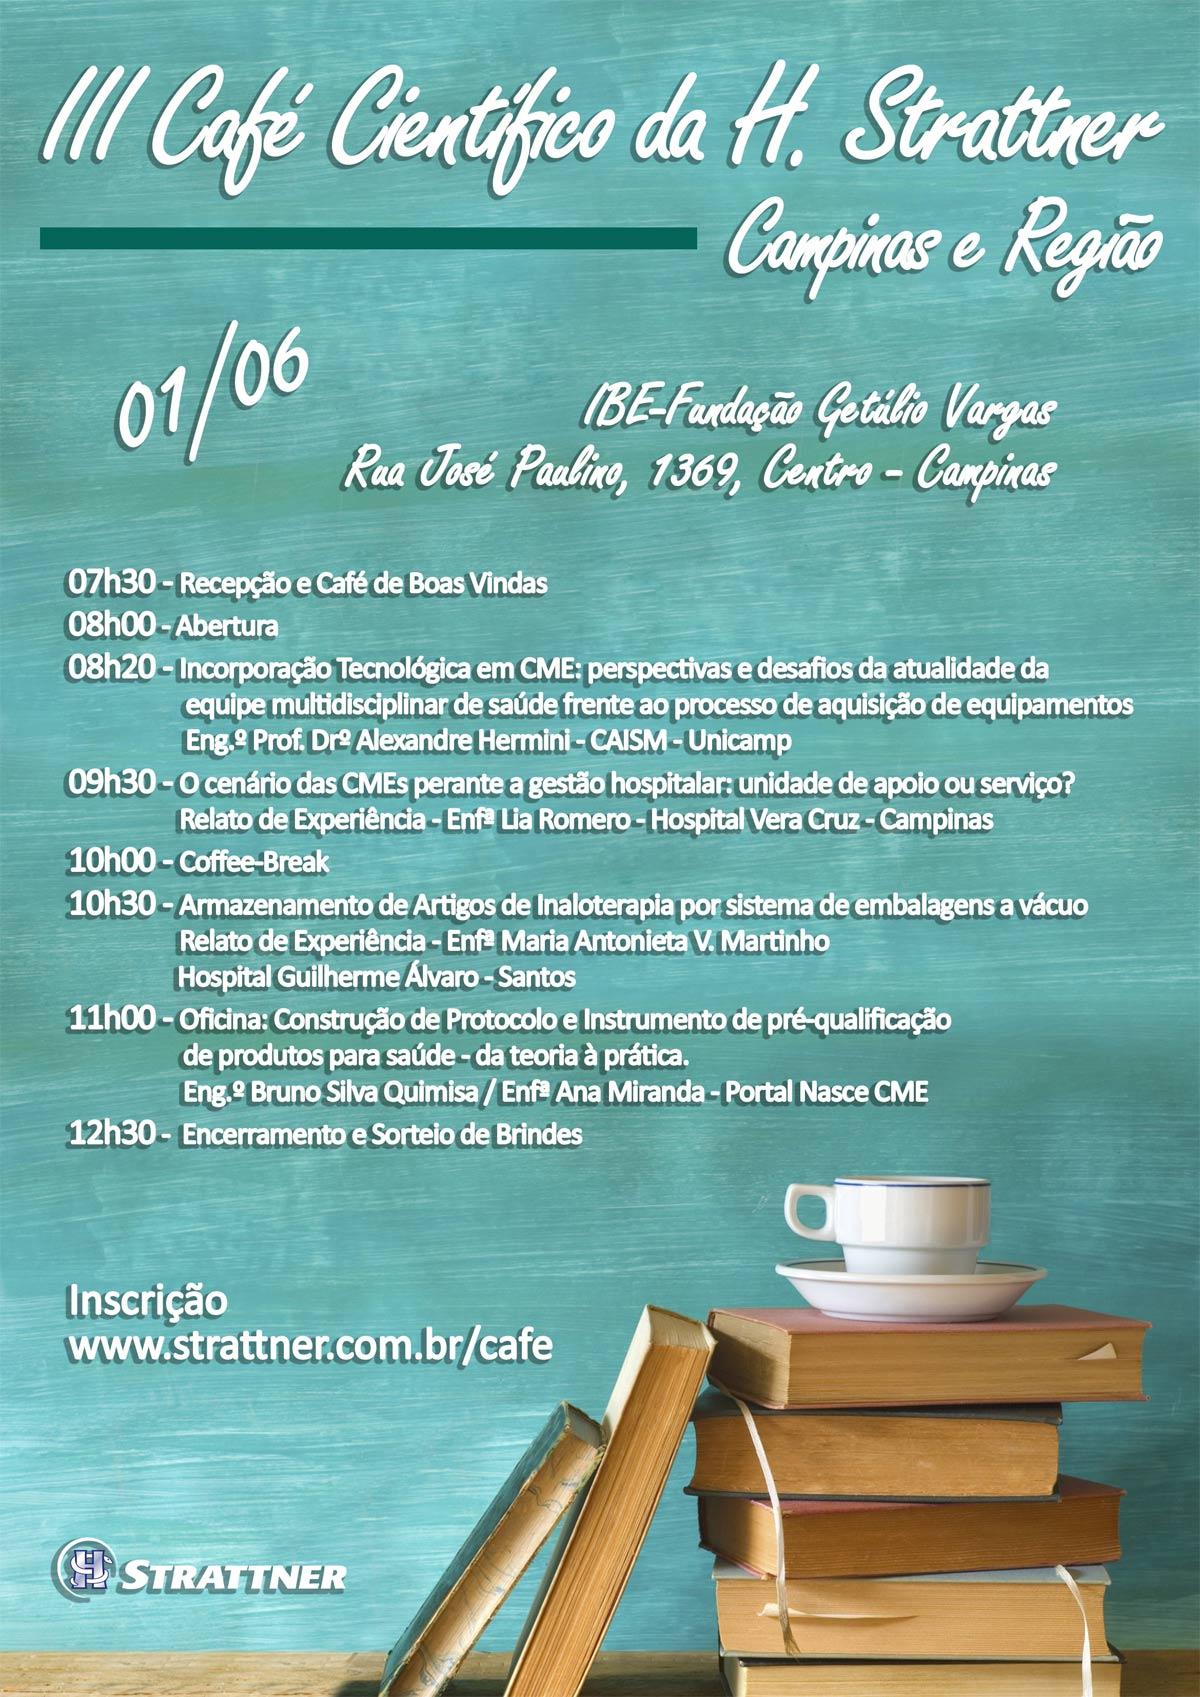 Café-Científico-H.-Strattner---Convite-5